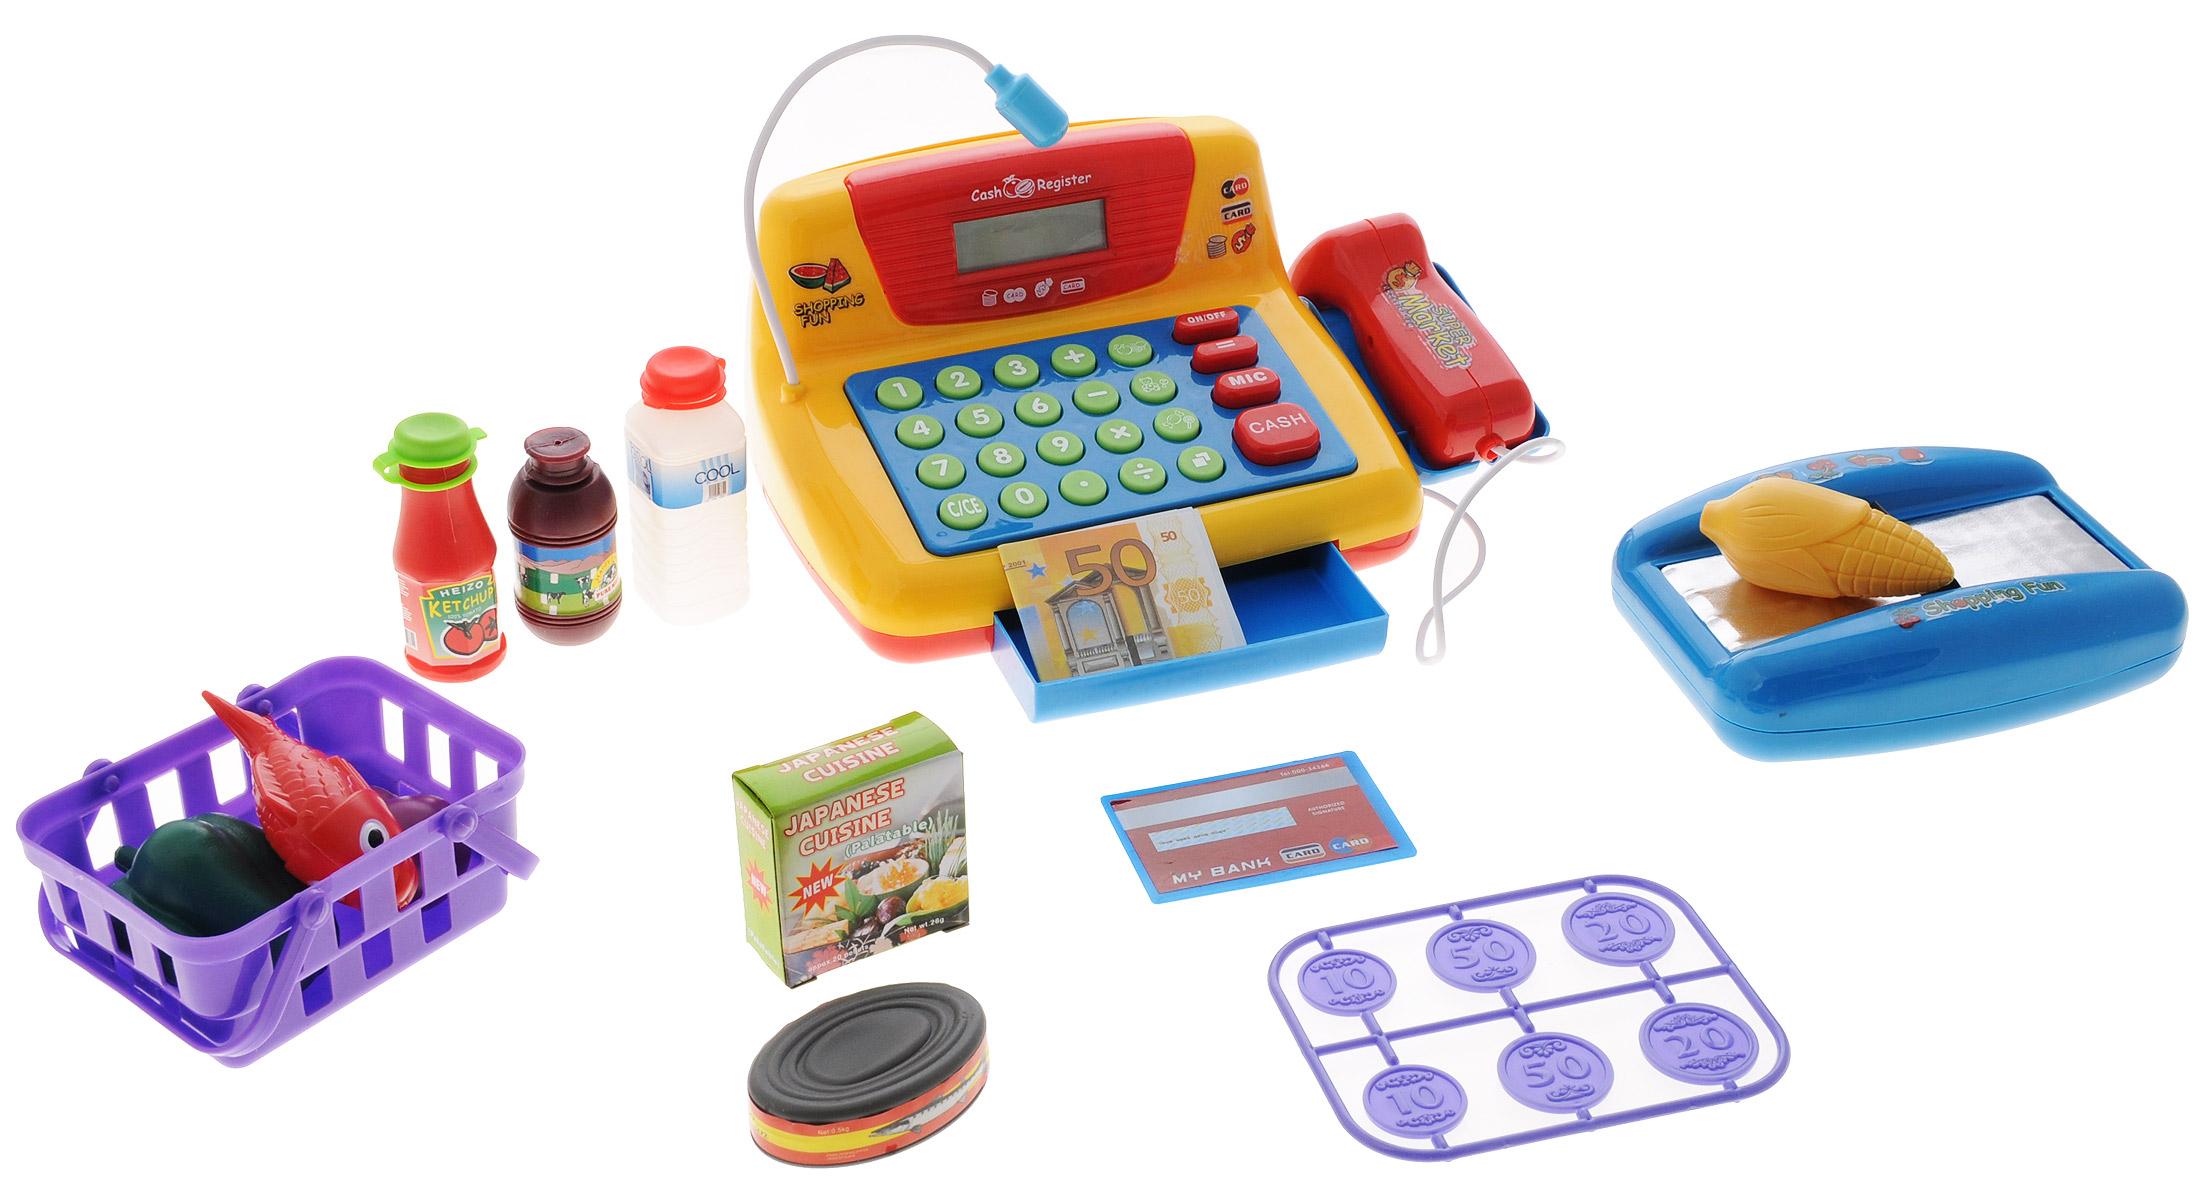 ABtoys Игровой набор Помогаю маме Вместе за покупками цвет желтый красный синийPT-00067_желтый, красный, синийИгровой набор AB toys Помогаю маме. Вместе за покупками со световыми и звуковыми эффектами позволит малышу напрямую соприкоснуться с миром торгово-потребительских отношений. Набор включает в себя кассовый аппарат с микрофоном, корзинку с продуктами питания (рыбой, кукурузой, перцем, баклажаном, коробочкой специй и банкой рыбных консервов), бутылки кетчупа, молока и воды, кредитную карту, бумажные деньги и монетки. Уникальный кассовый аппарат совсем как настоящий: он оснащен сканером штрих-кодов товара и лентой, по которой едут продукты, терминалом для работы с кредитной картой, кнопками с цифрами, отсеком для хранения денег. Также этот кассовый аппарат можно использовать в качестве калькулятора. С помощью этого набора ваш ребенок сможет научиться считать, правильно вести себя в магазине и делать покупки. Порадуйте его таким замечательным подарком! Необходимо докупить 3 батарейки напряжением 1,5V типа АА (не входят в комплект).